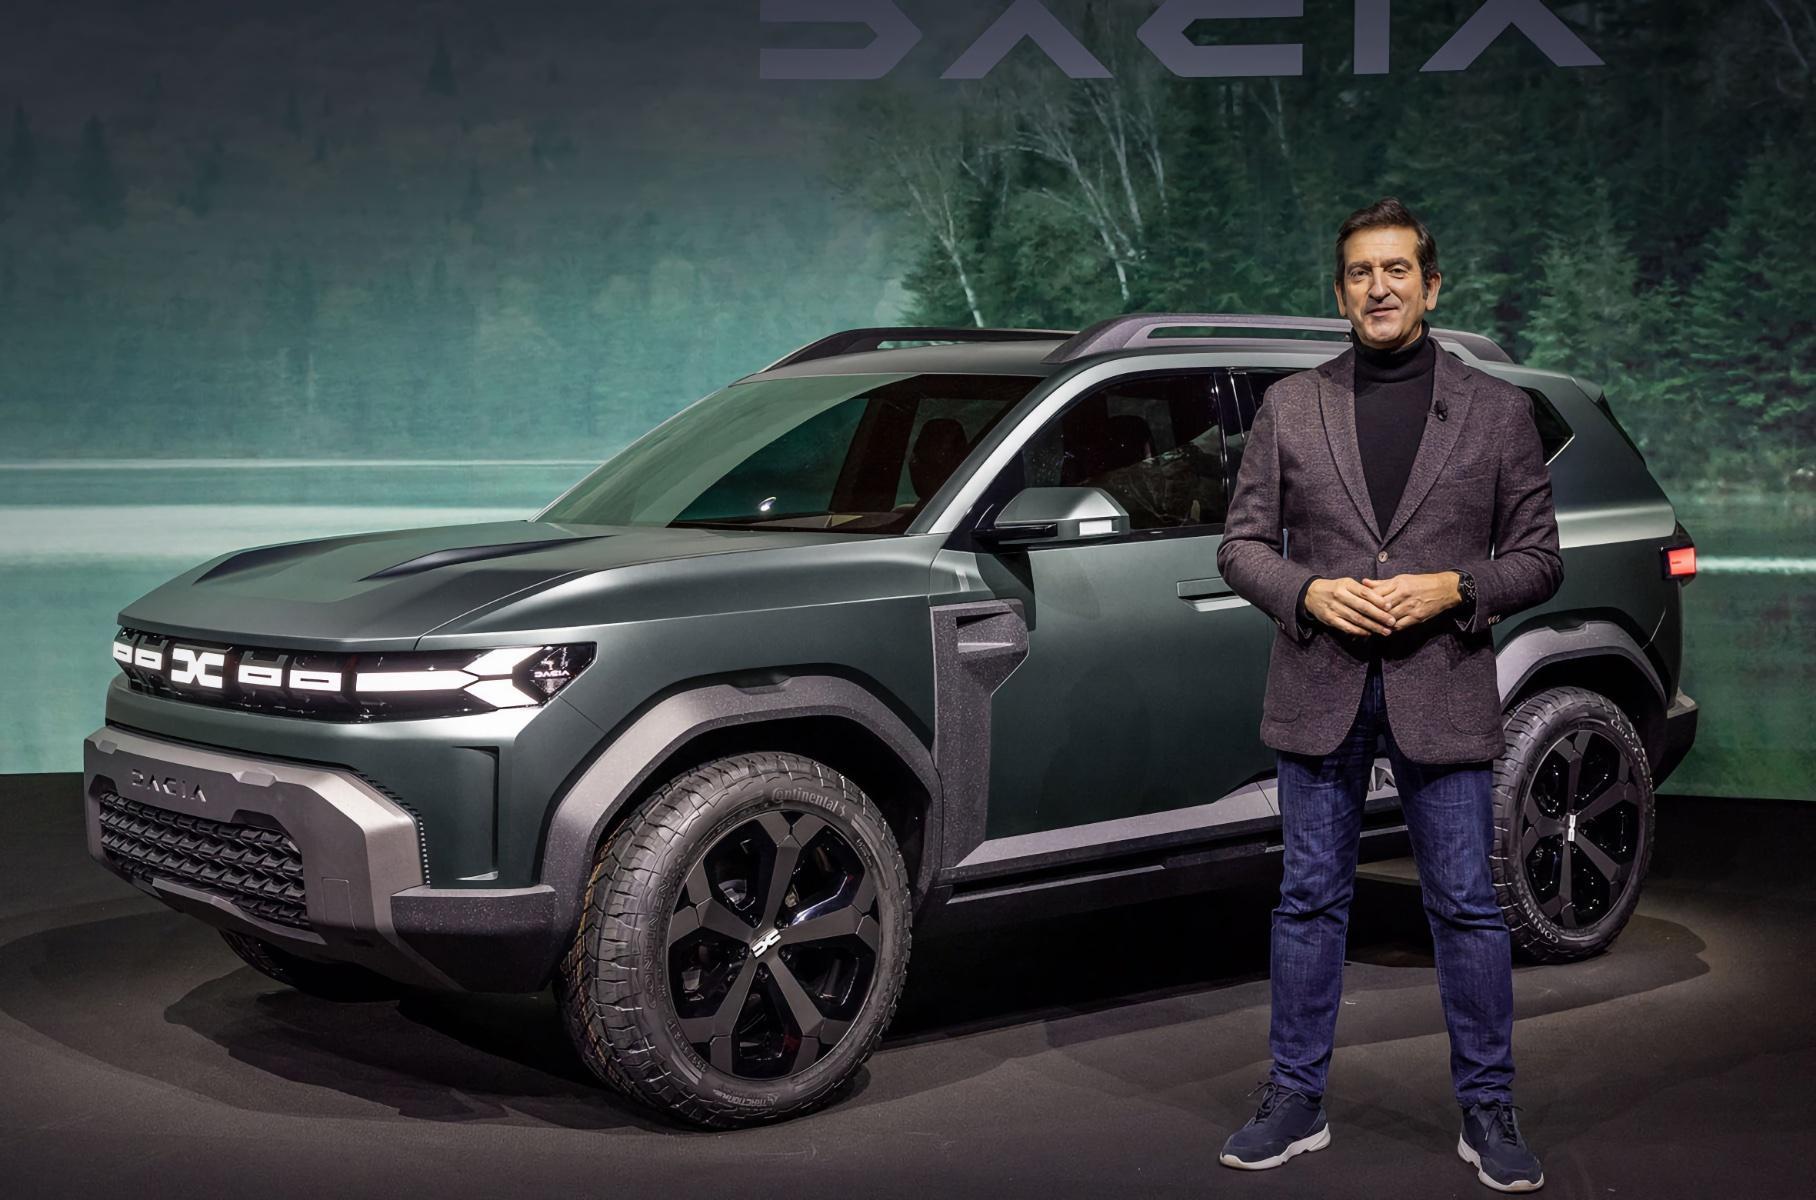 За внешний вид автомобилей отечественной марки Lada теперь отвечает бывший дизайнер испанской компании Seat